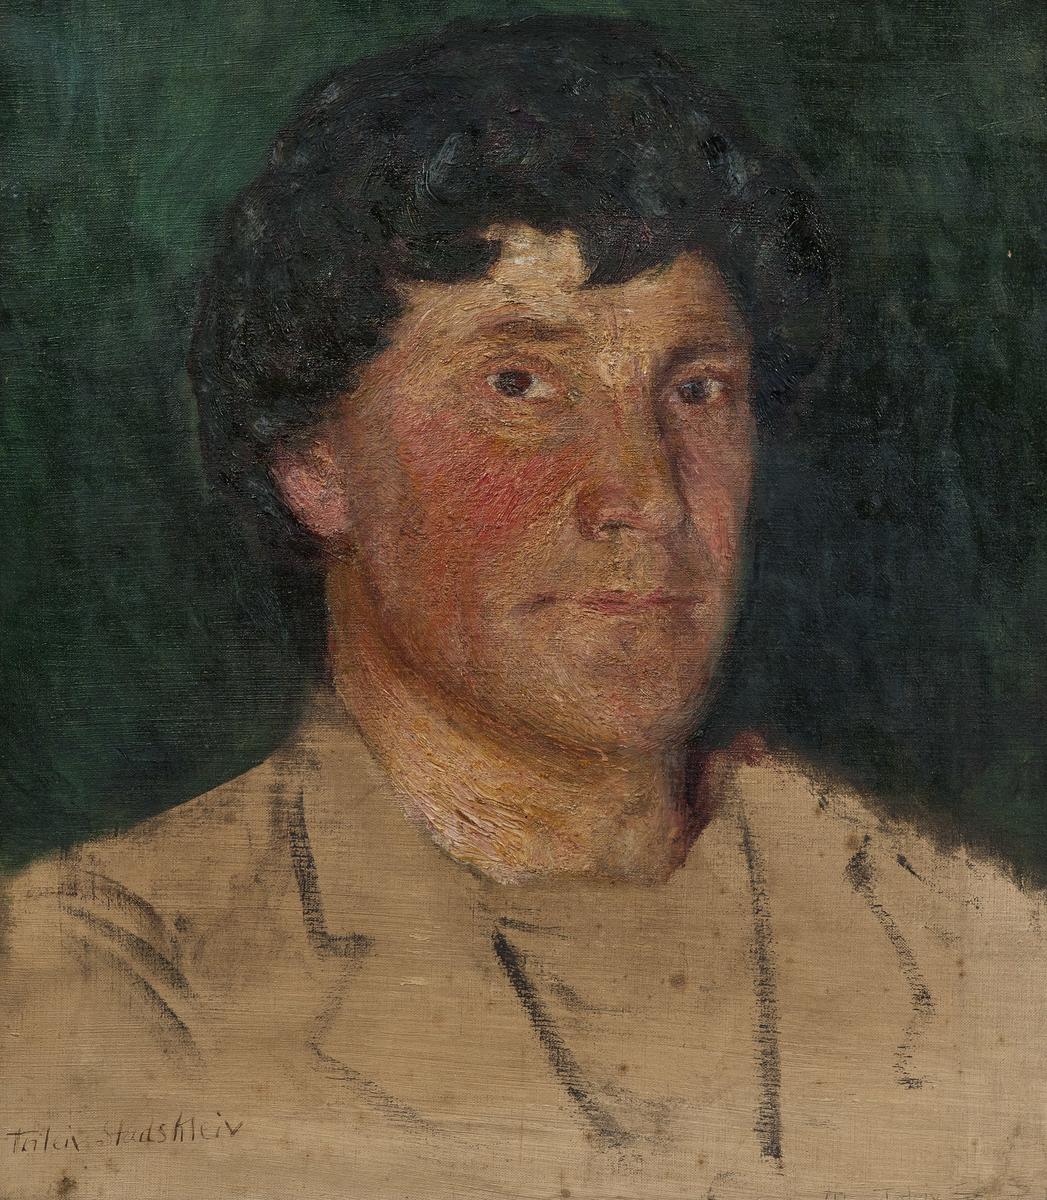 Voksent selvportrett i haøvfigur med hvit jakke